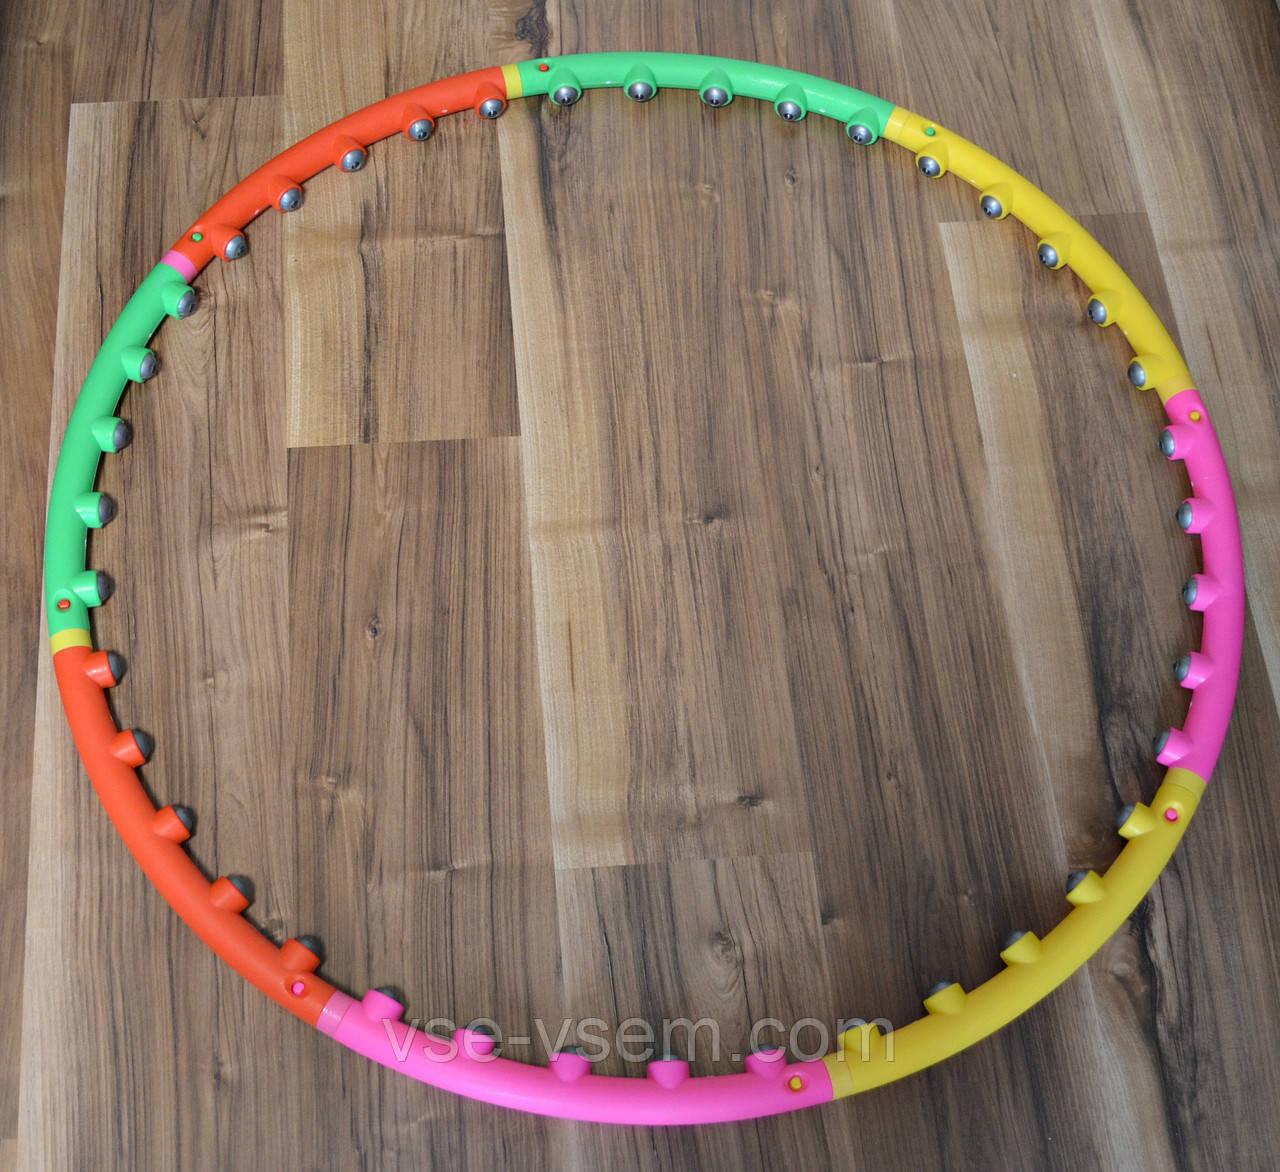 Обруч массажный Massage Hoop Boyu 1108 утяжеленный для похудения (Хулахуп Boyu 1108)